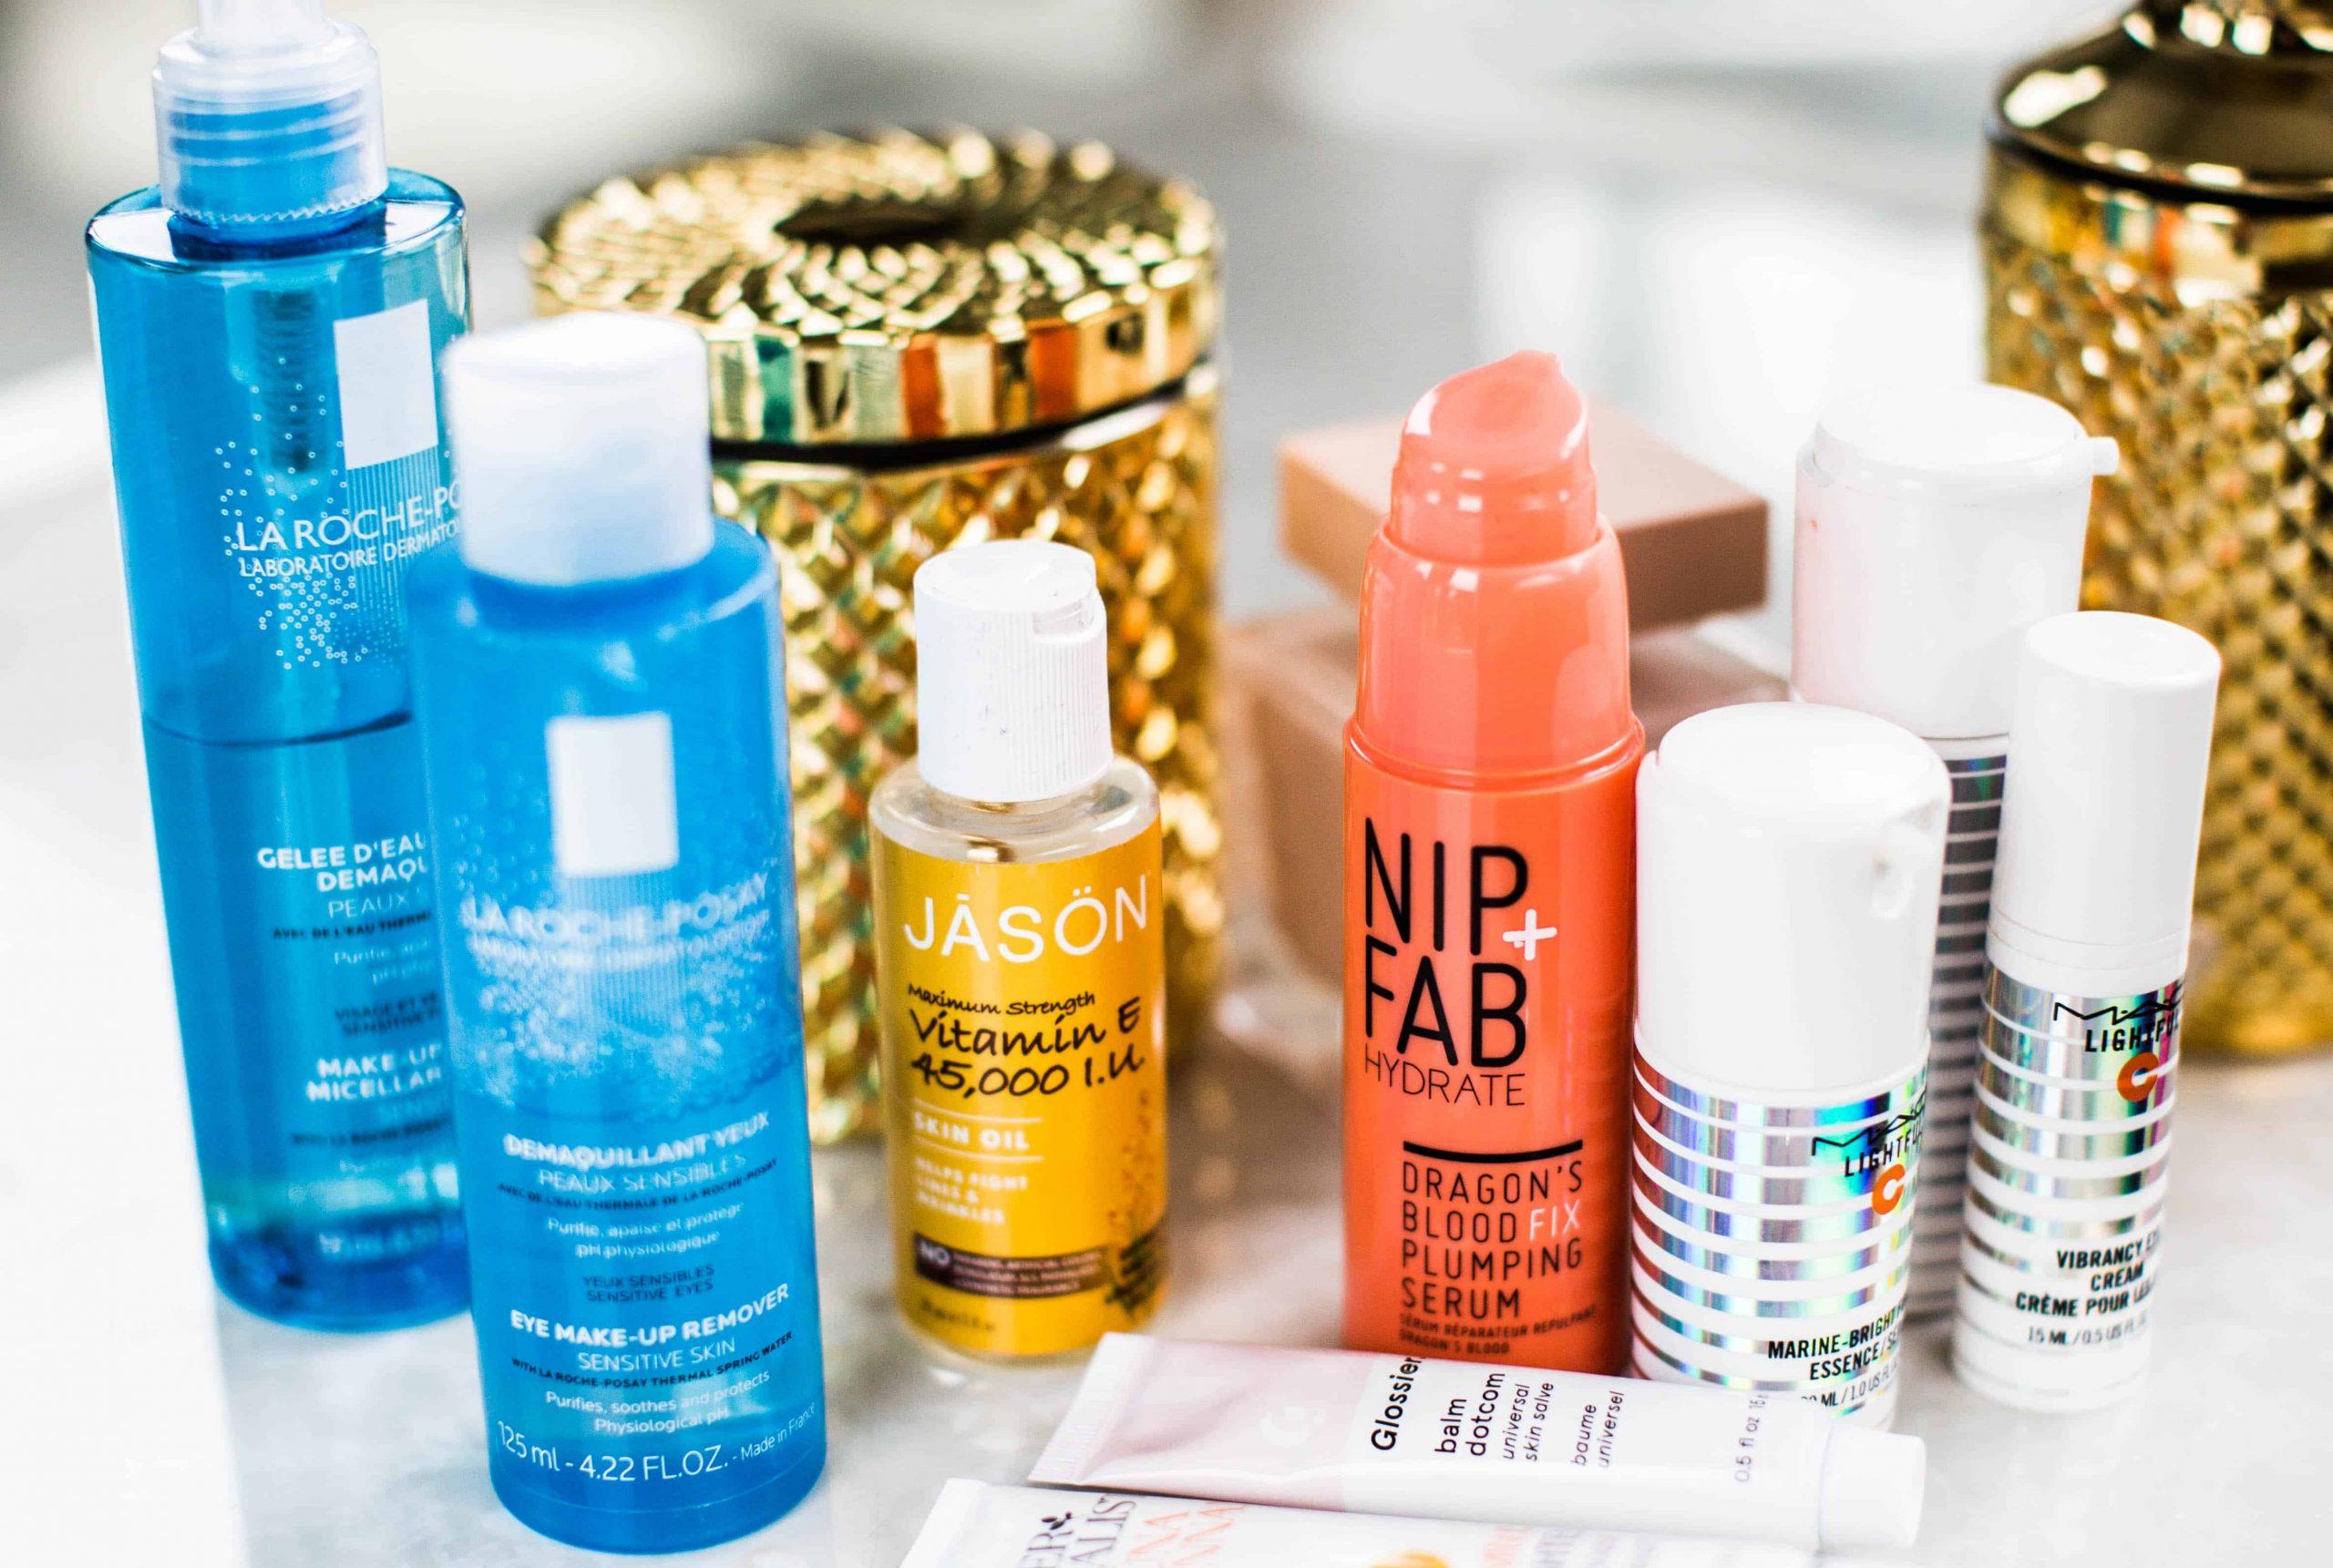 Frascos de cosméticos de tamanhos e cores diferentes.